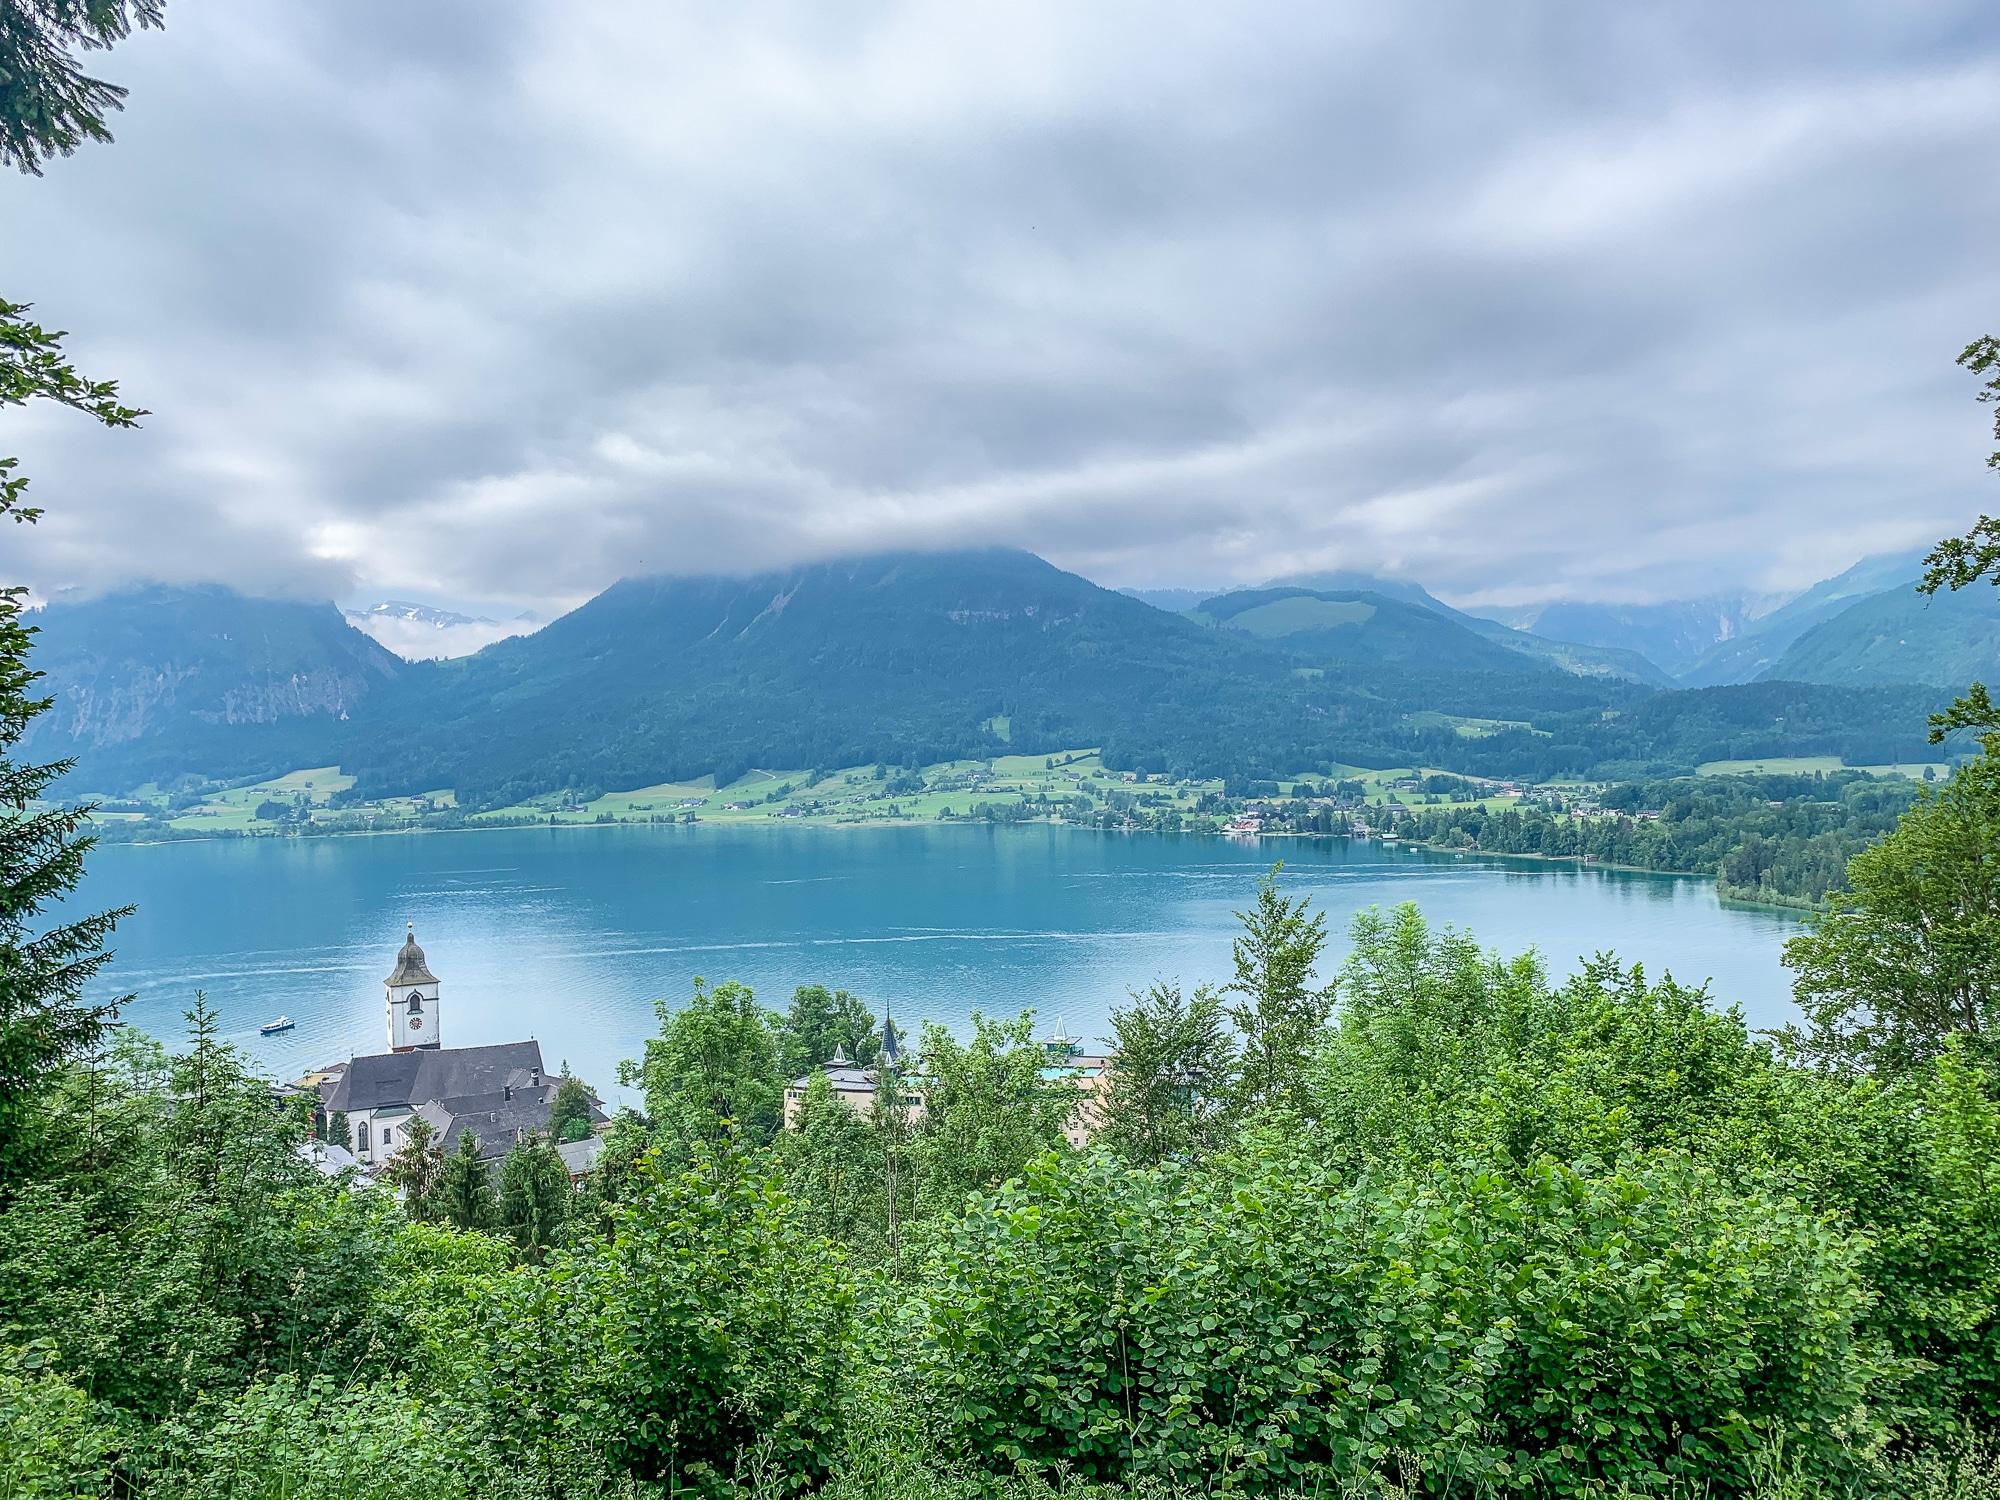 BergeSeen Trail: Erfahrungen auf der Weitwanderung im Salzkammergut - Etappe 4, Ausblick Mondsee